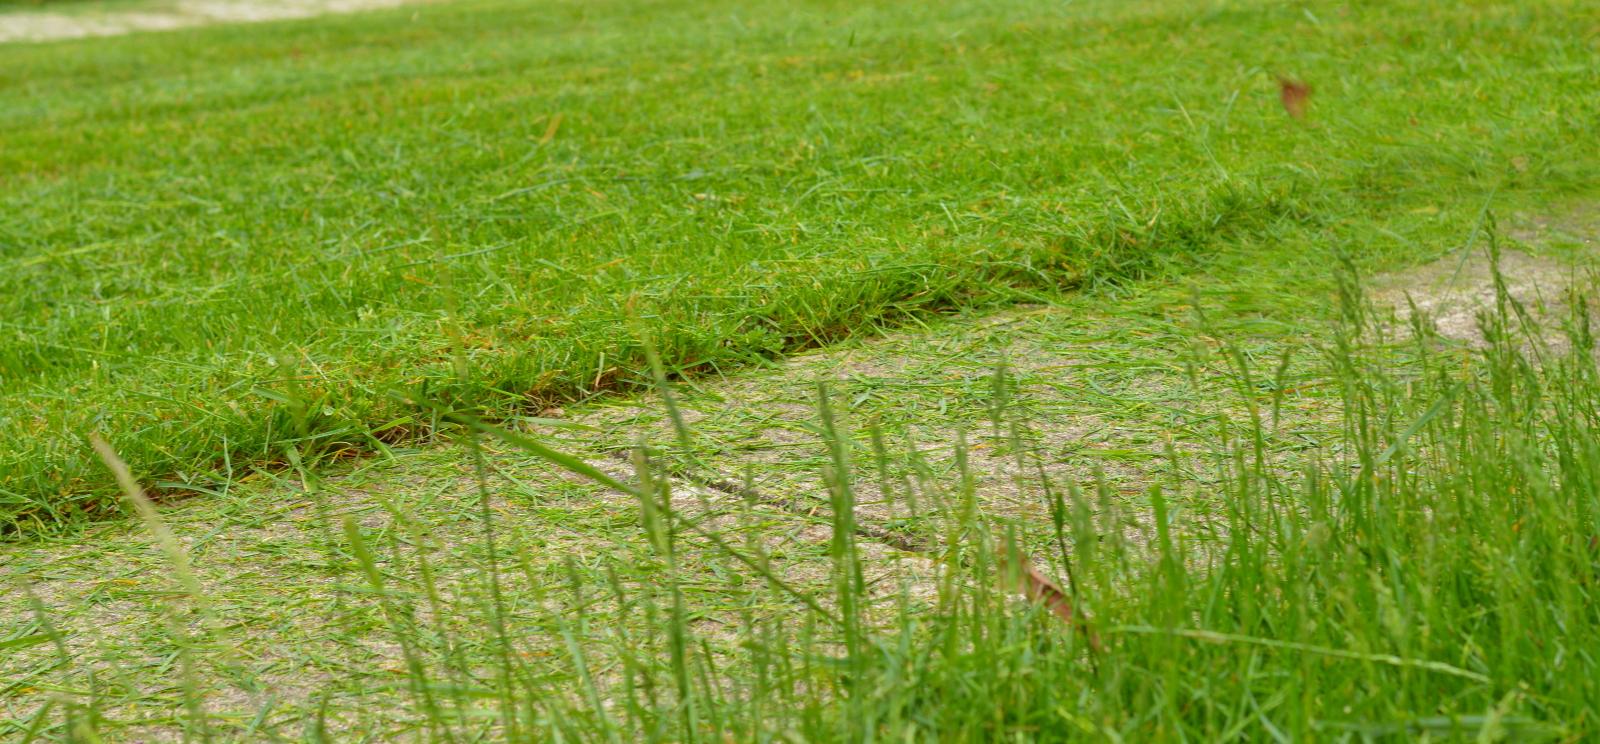 Lawn Care Grass Cutting in Millersville